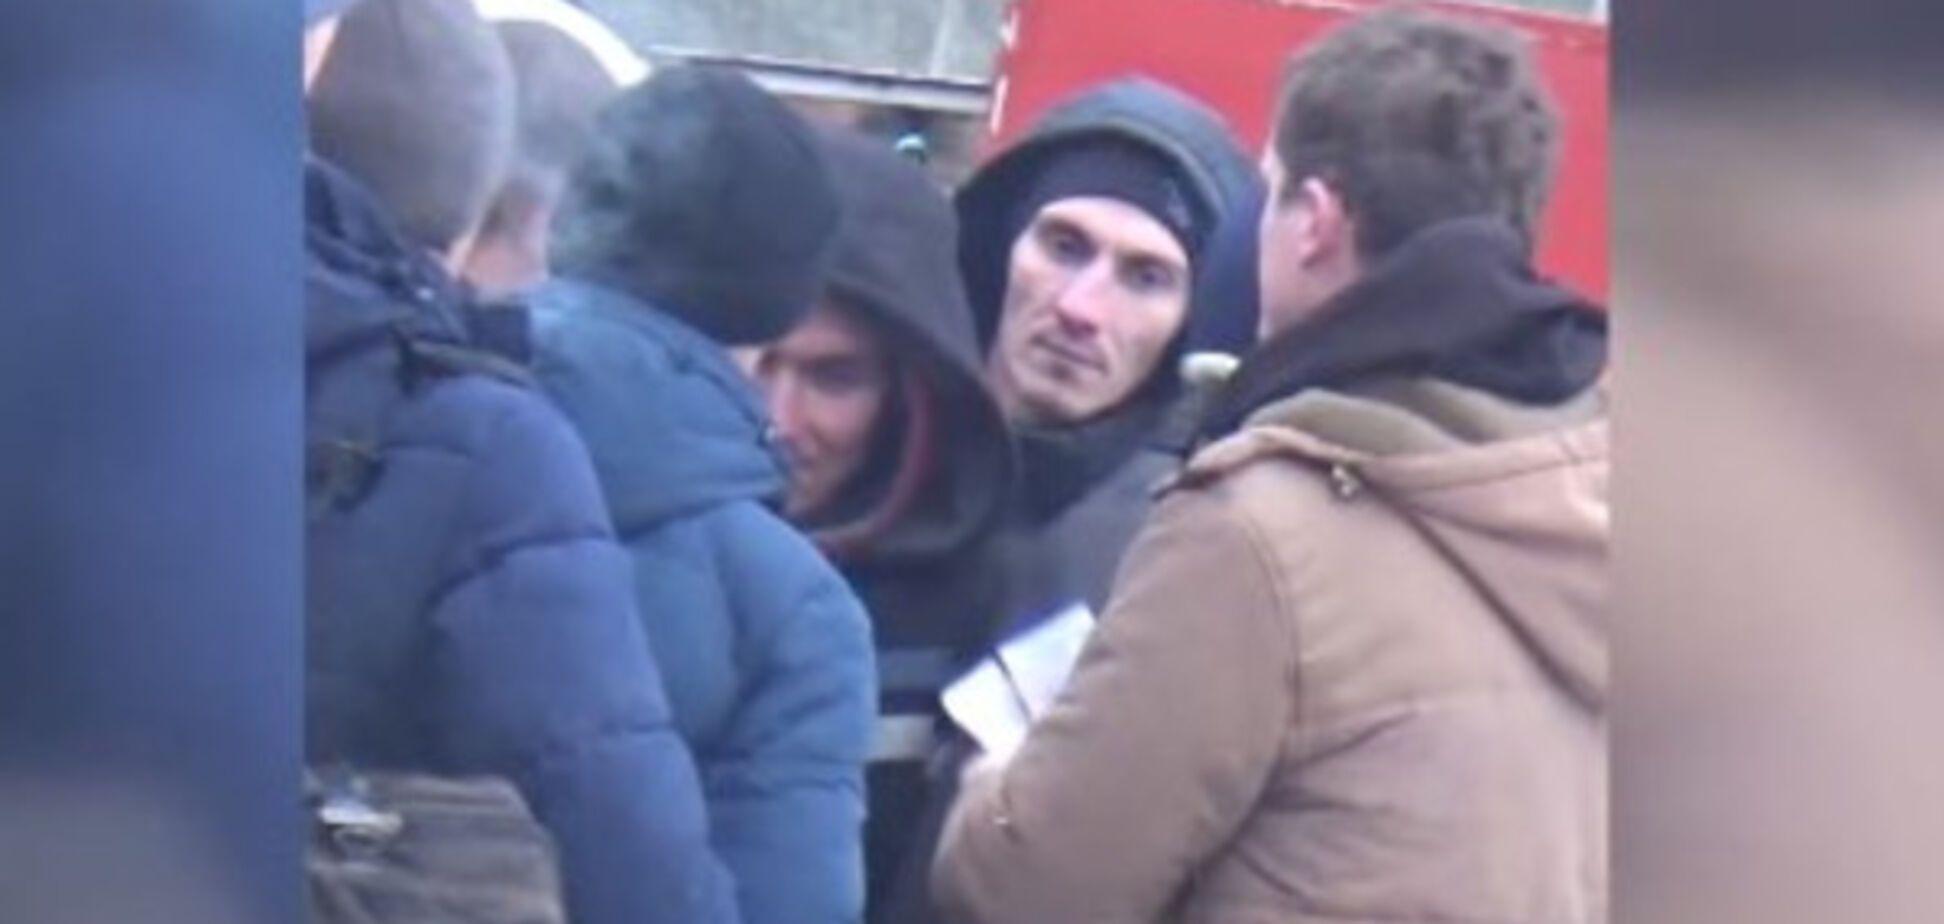 'Це порнографія': у Авакова знайшли відеодокази кремлівського плану 'Шатун'